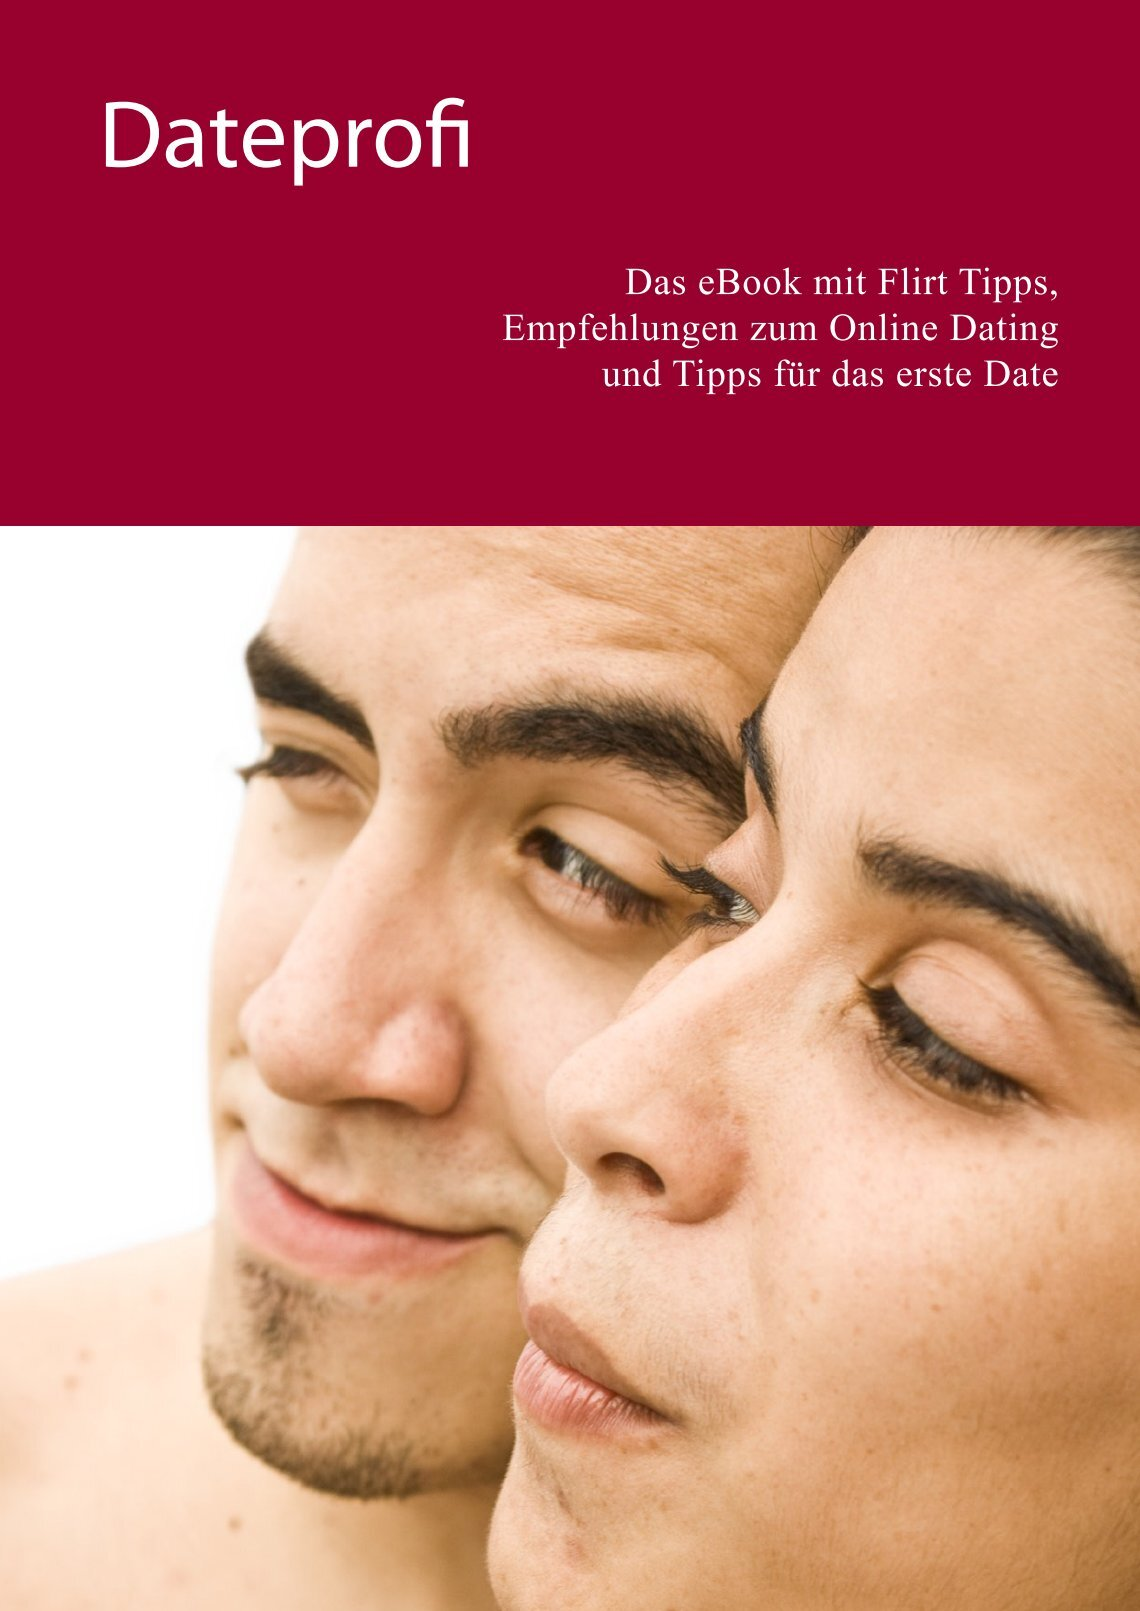 Online dating flirt tipps